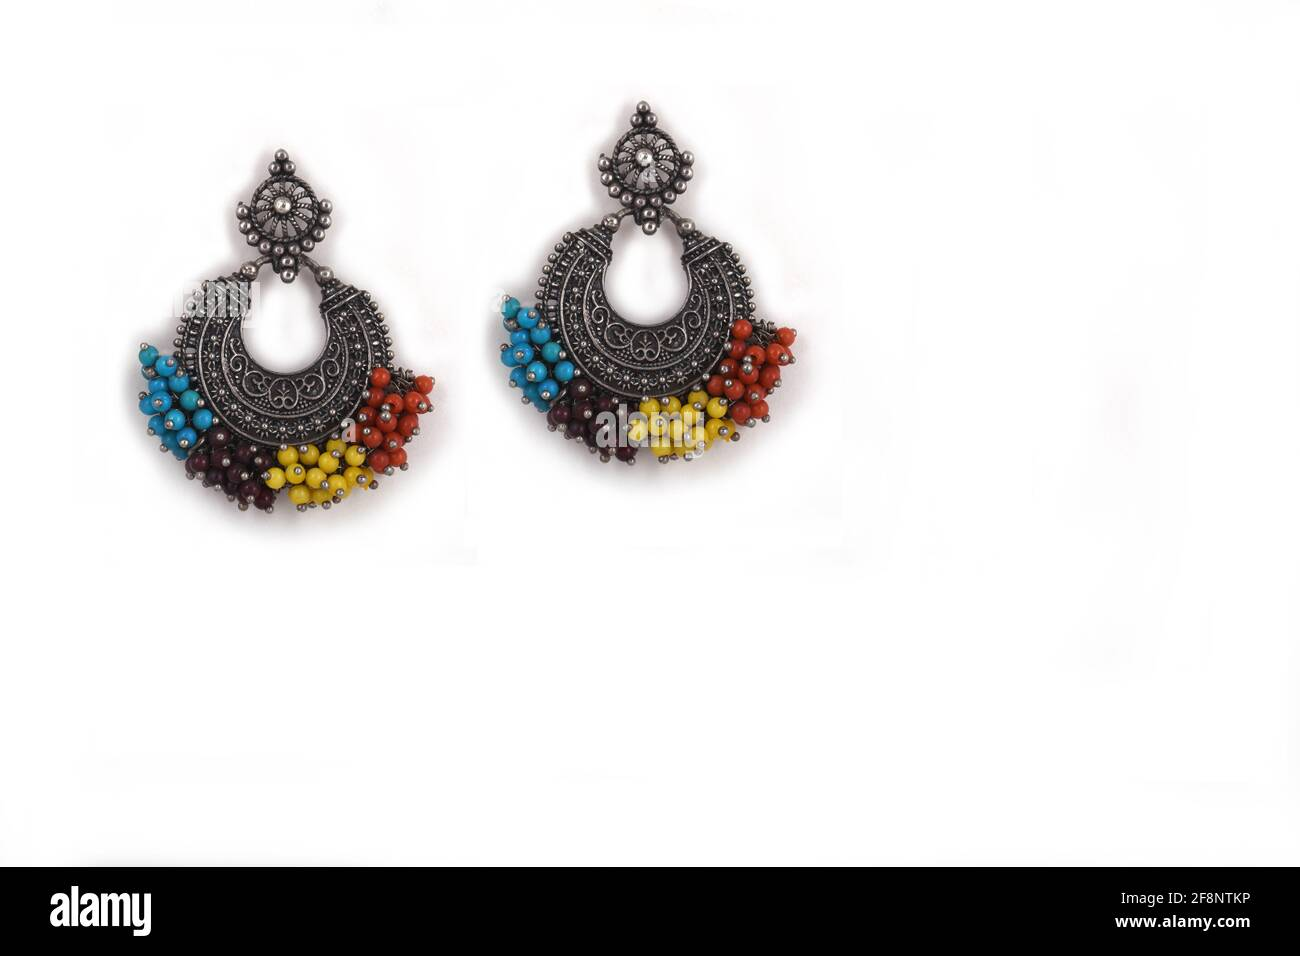 Pendientes oxidados de plata estilo étnico indio, con estilo con cuentas multicolores, pendientes Jhumka, pendientes colgantes Foto de stock